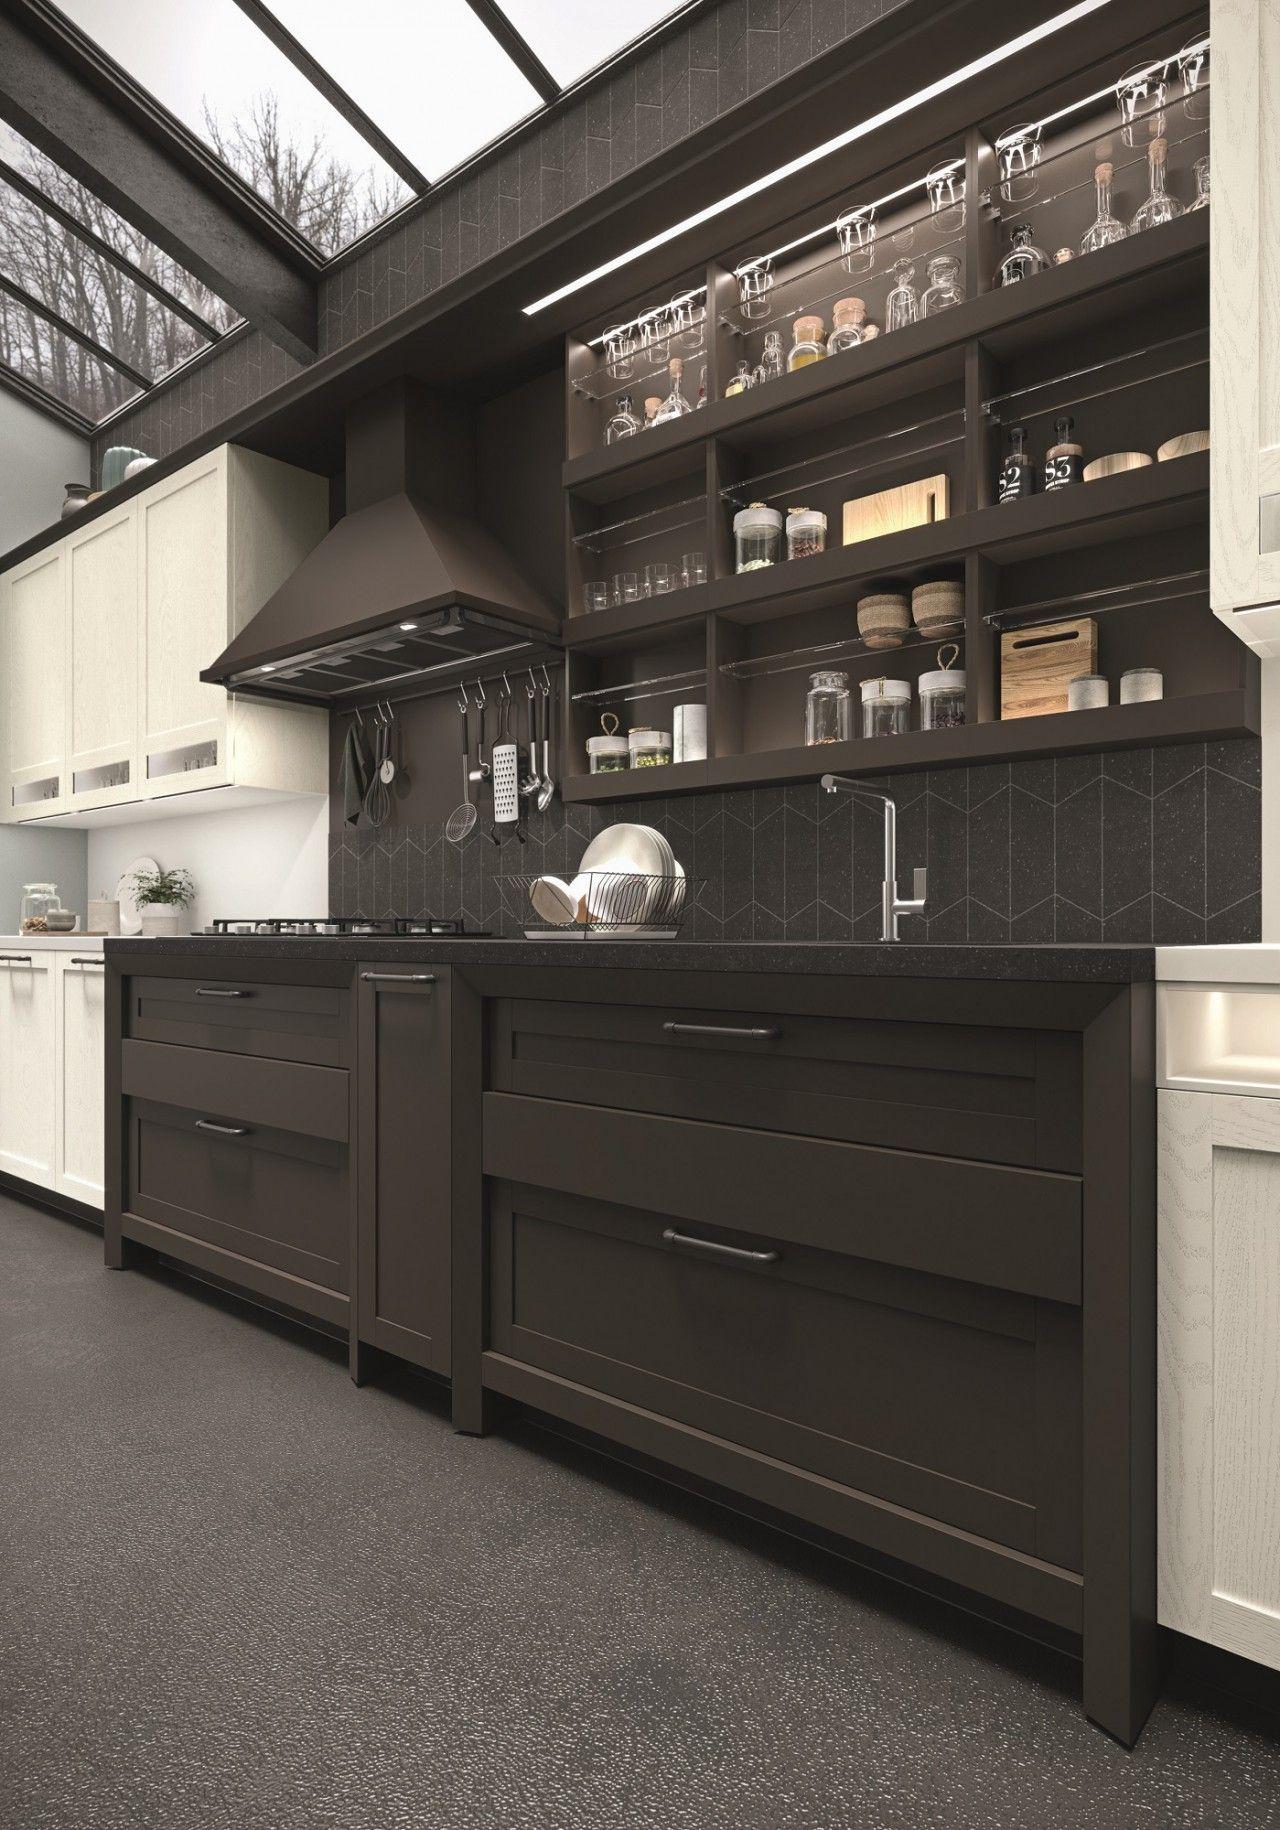 Cucina classica: design pulito in stile classico contemporaneo con ...